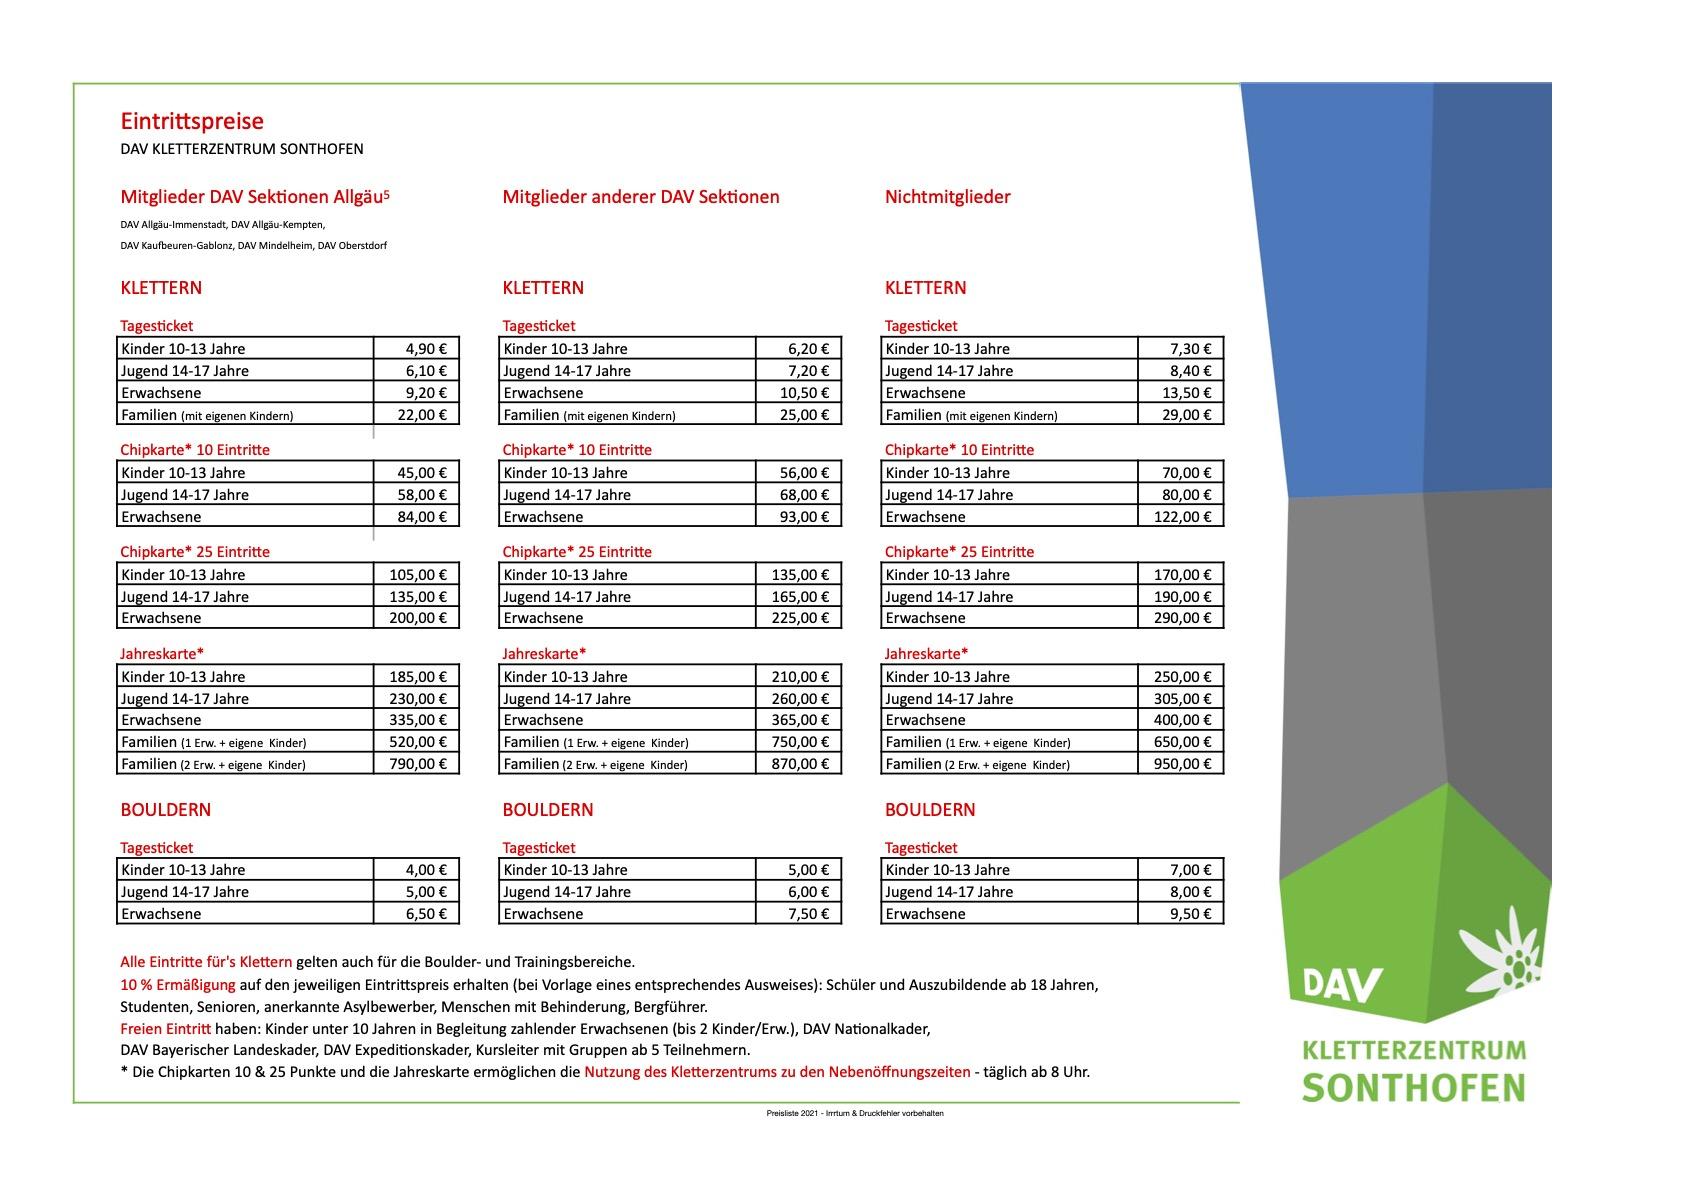 Eintrittspreise Kletterhalle Sonthofen März 2021